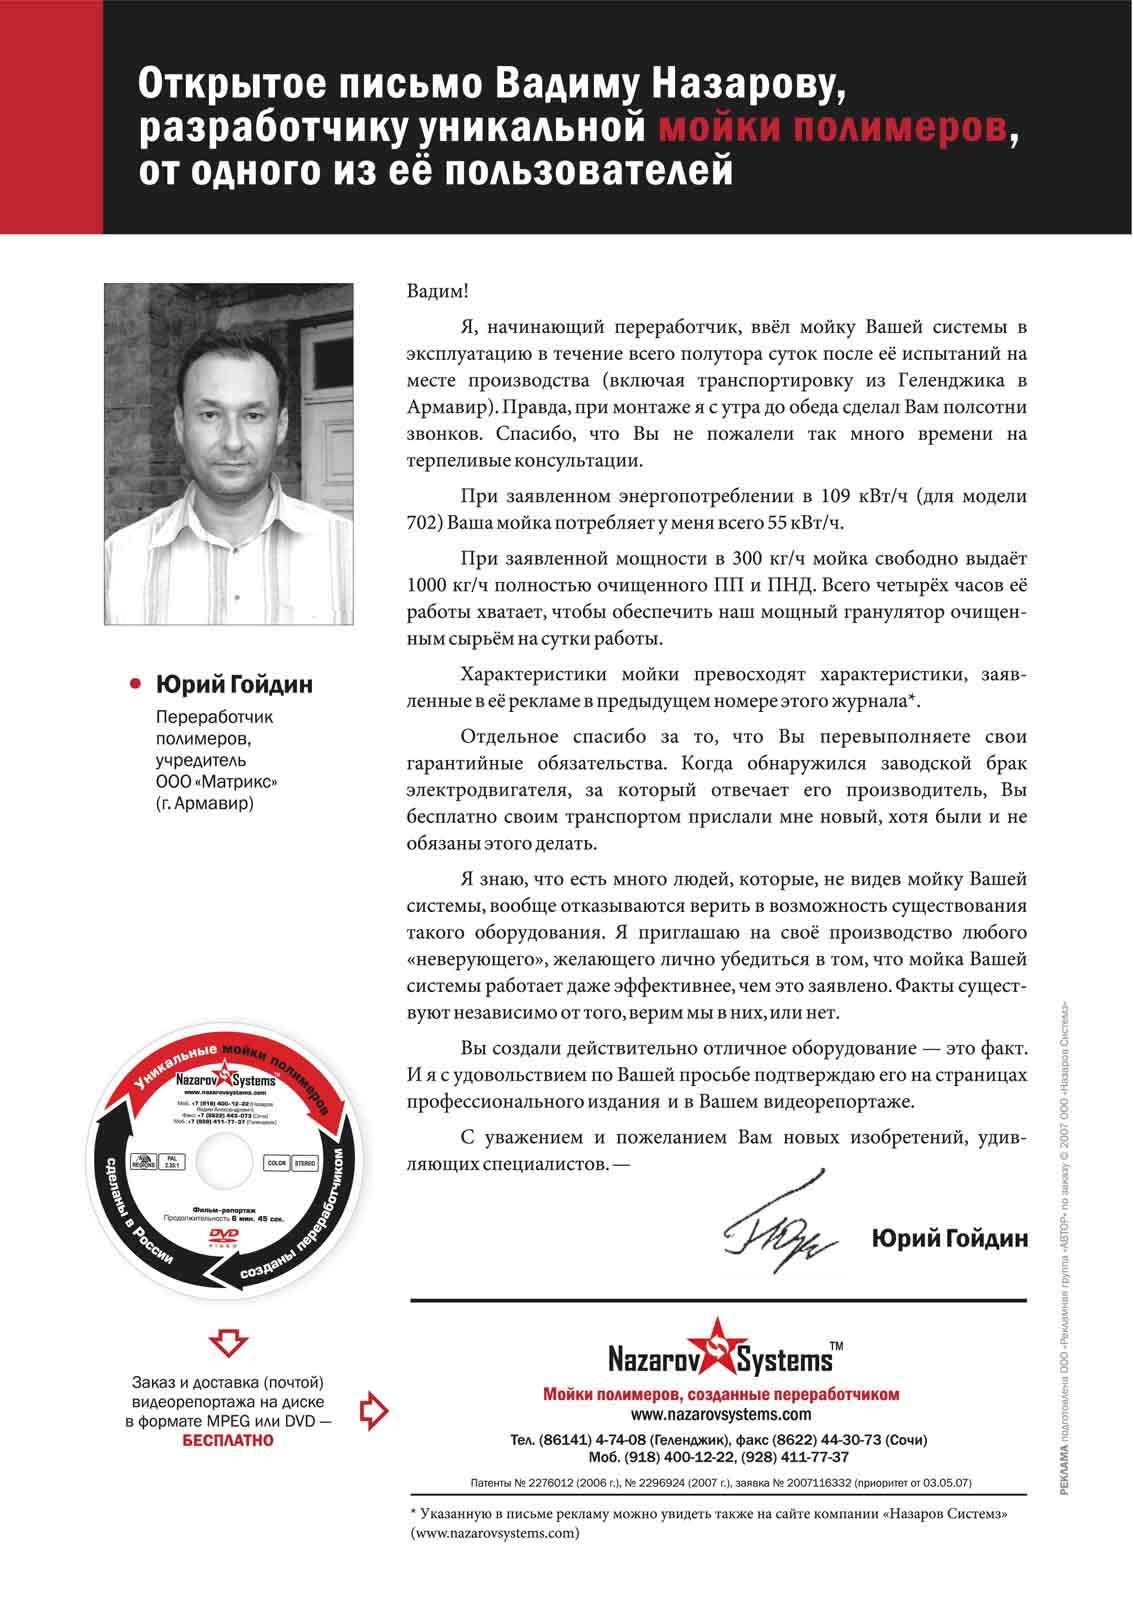 Печатная реклама, денис Богомолов, открытое письмо, мойка полимеров системы Назарова